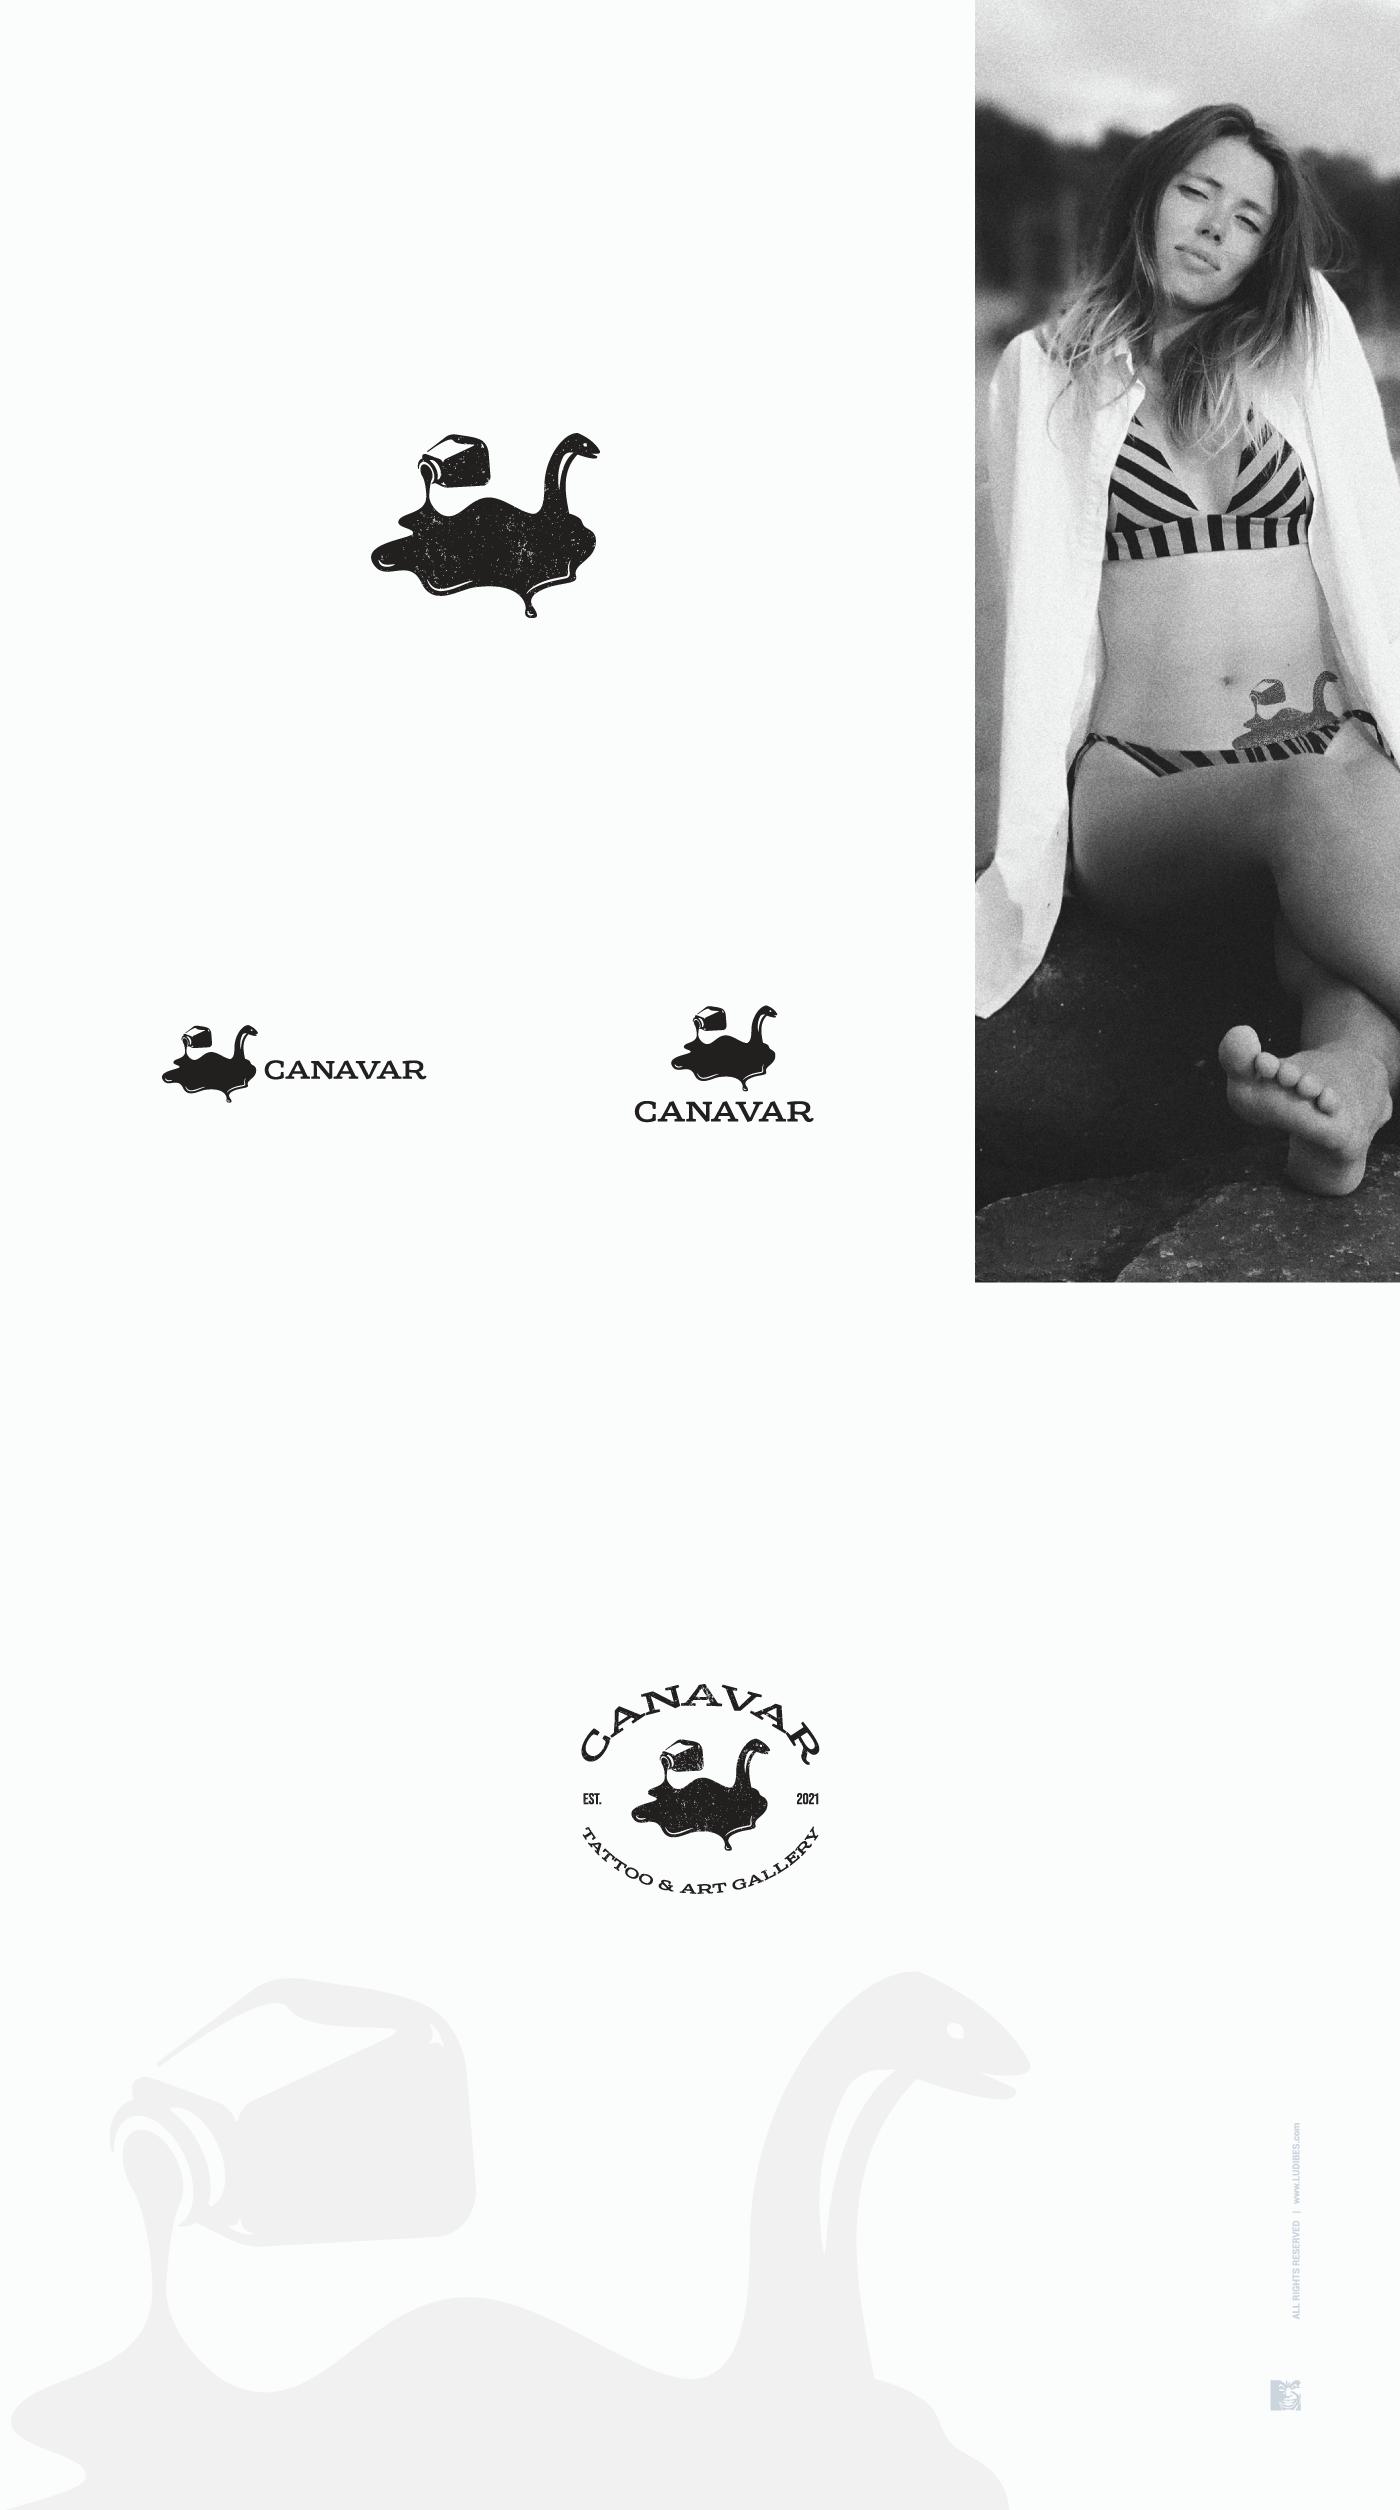 Canavar logo